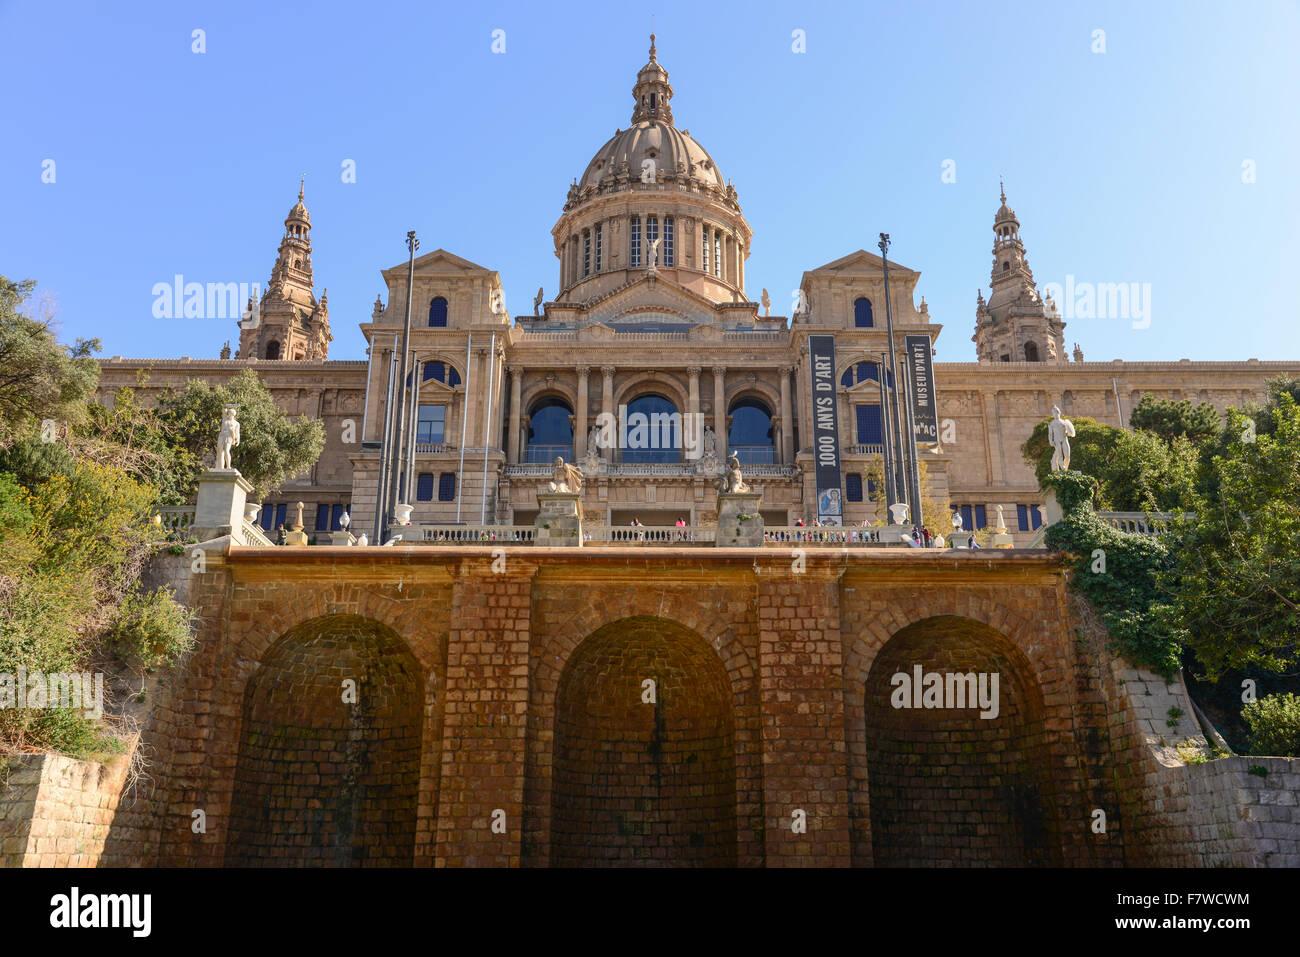 Museu Nacional d'Art de Catalunya MNAC, Barcelona, Spain - Stock Image